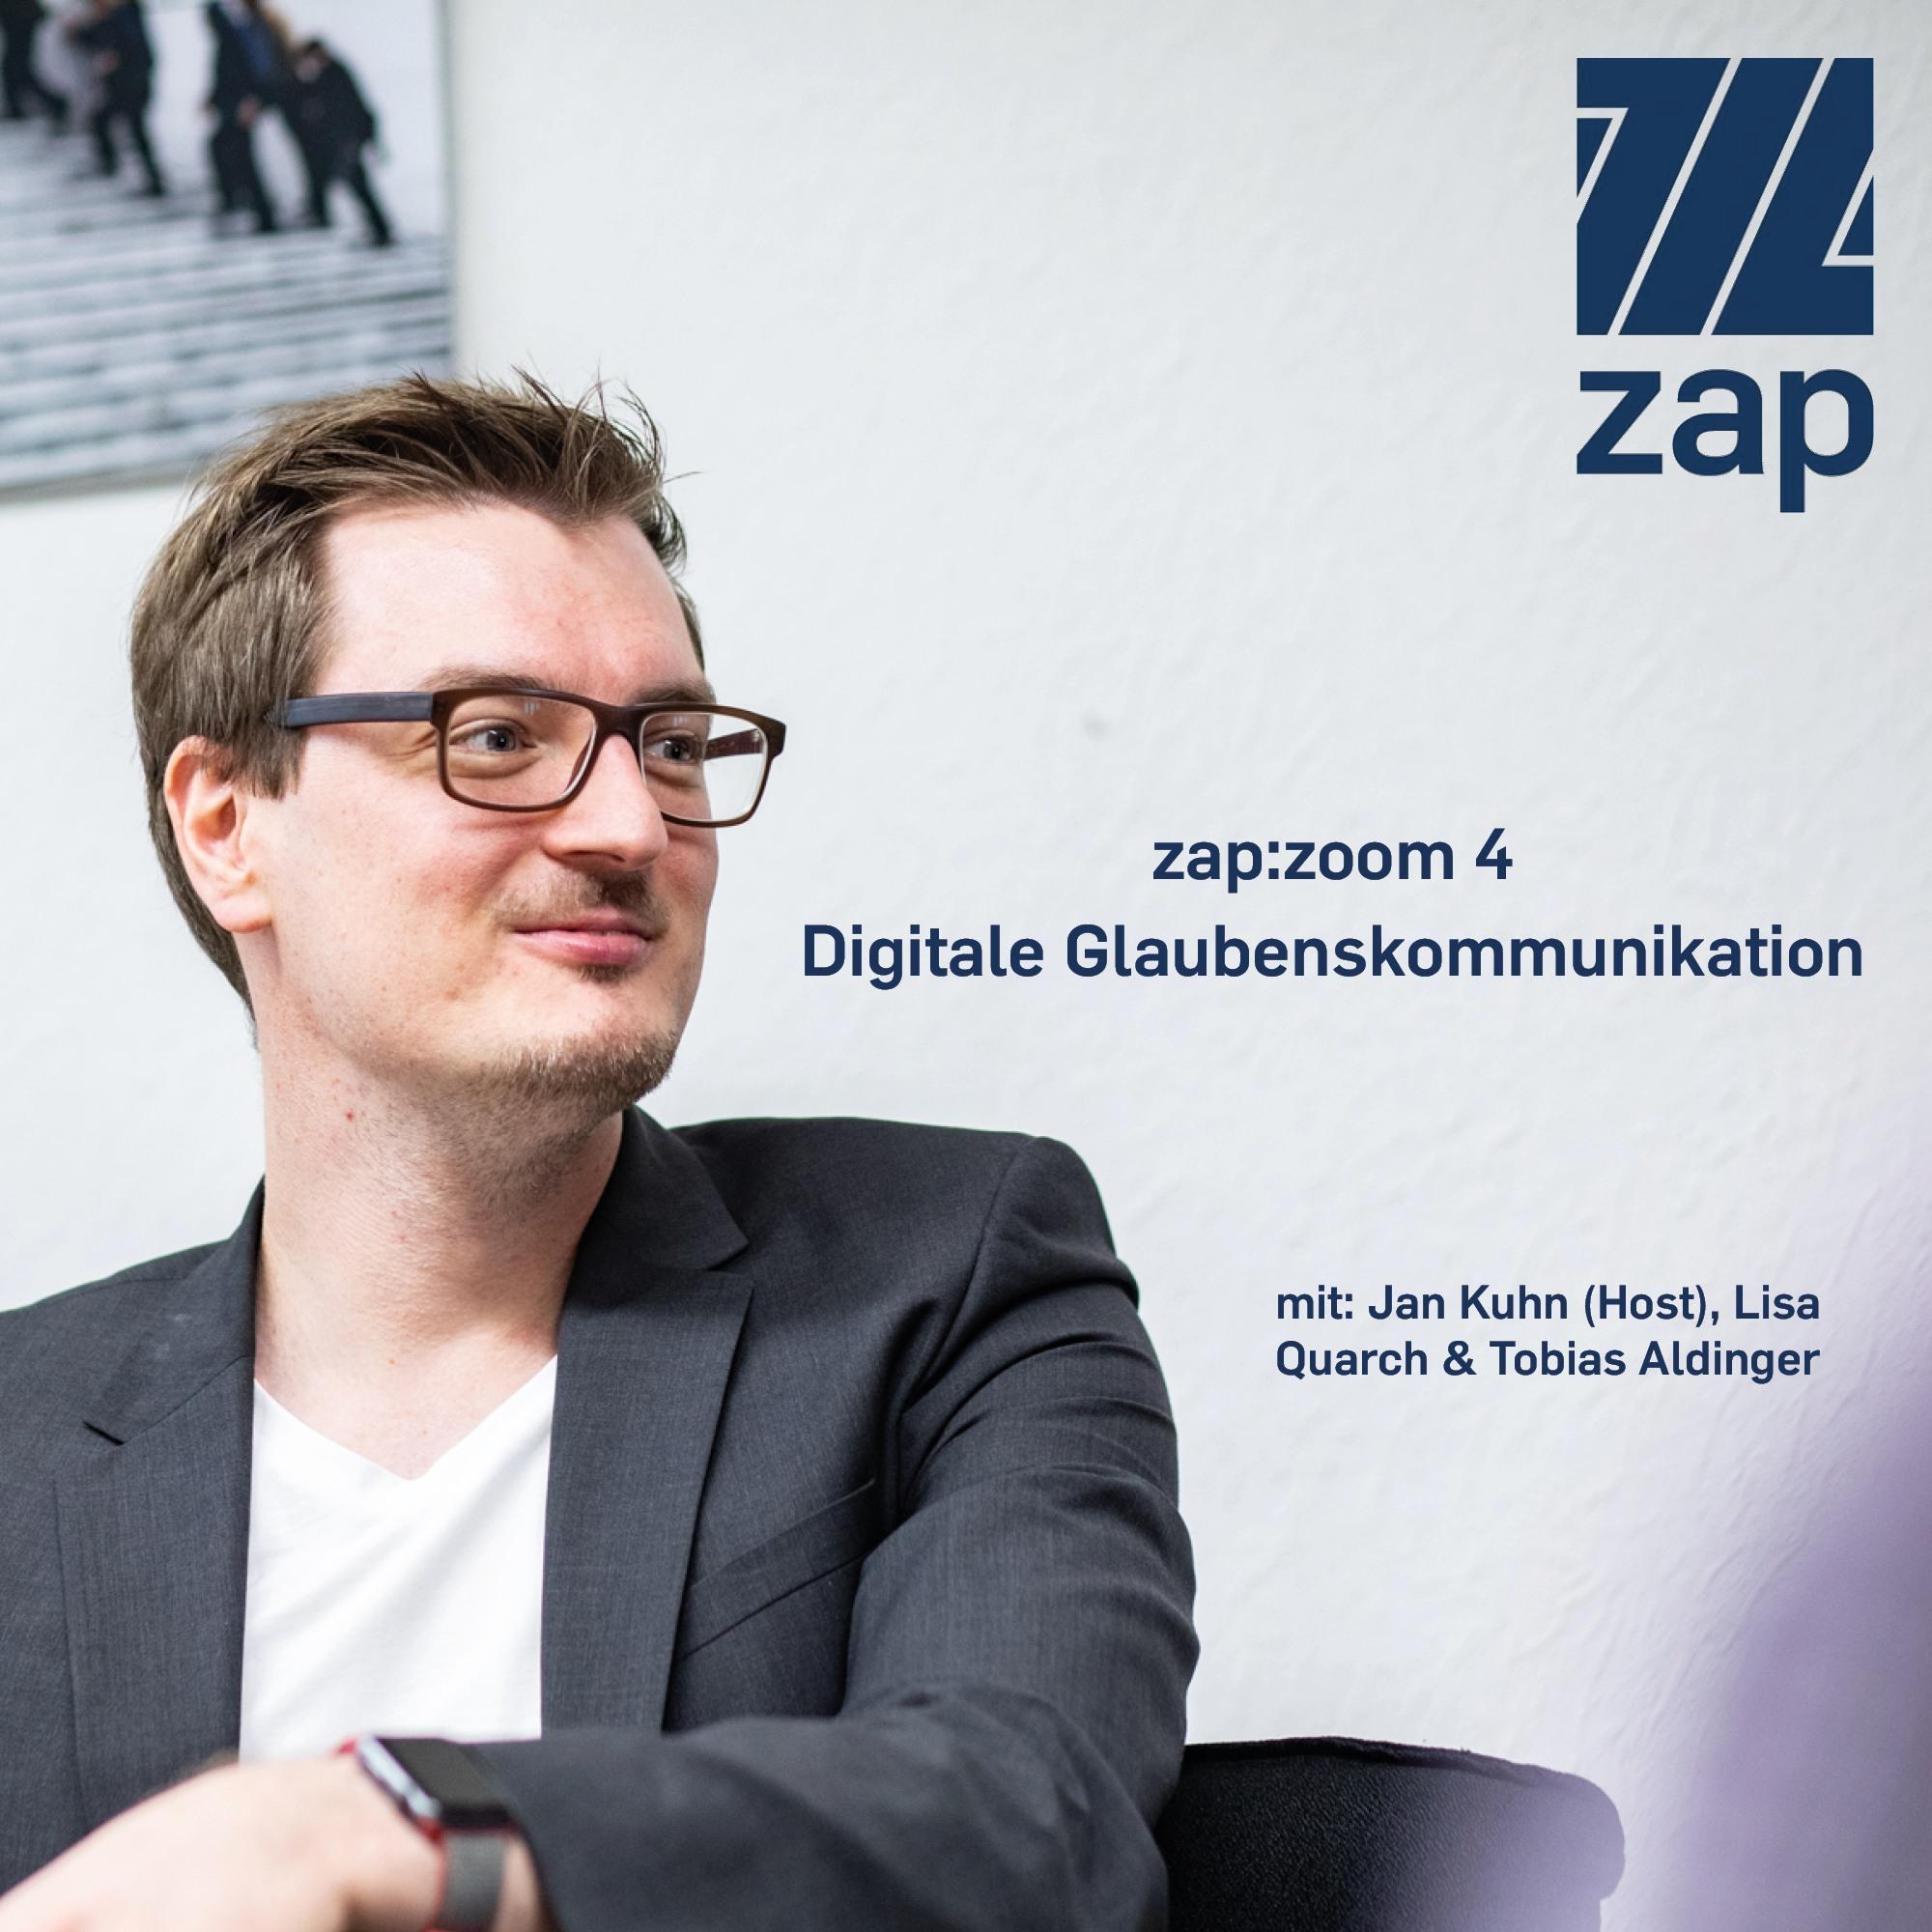 zap:zoom Episode 4 – auf YouTube verfügbar